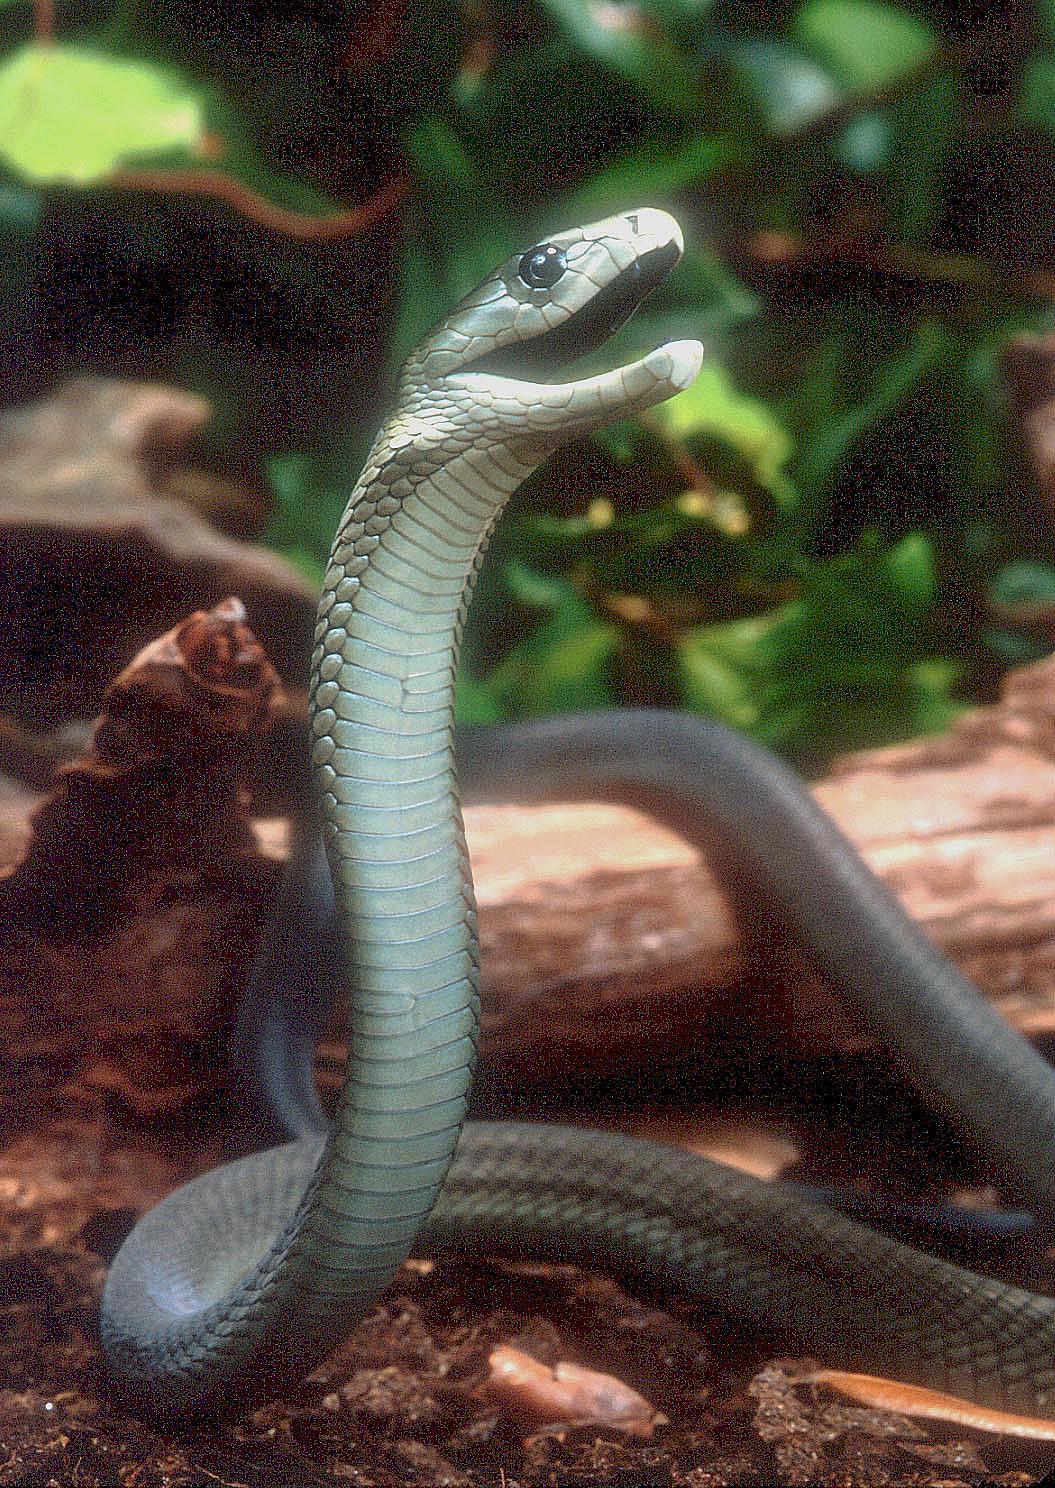 """Obrázek """"http://www.wildafrica.cz/images/animals/47_dendroaspis-polylepis.jpeg"""" nelze zobrazit, protože obsahuje chyby."""